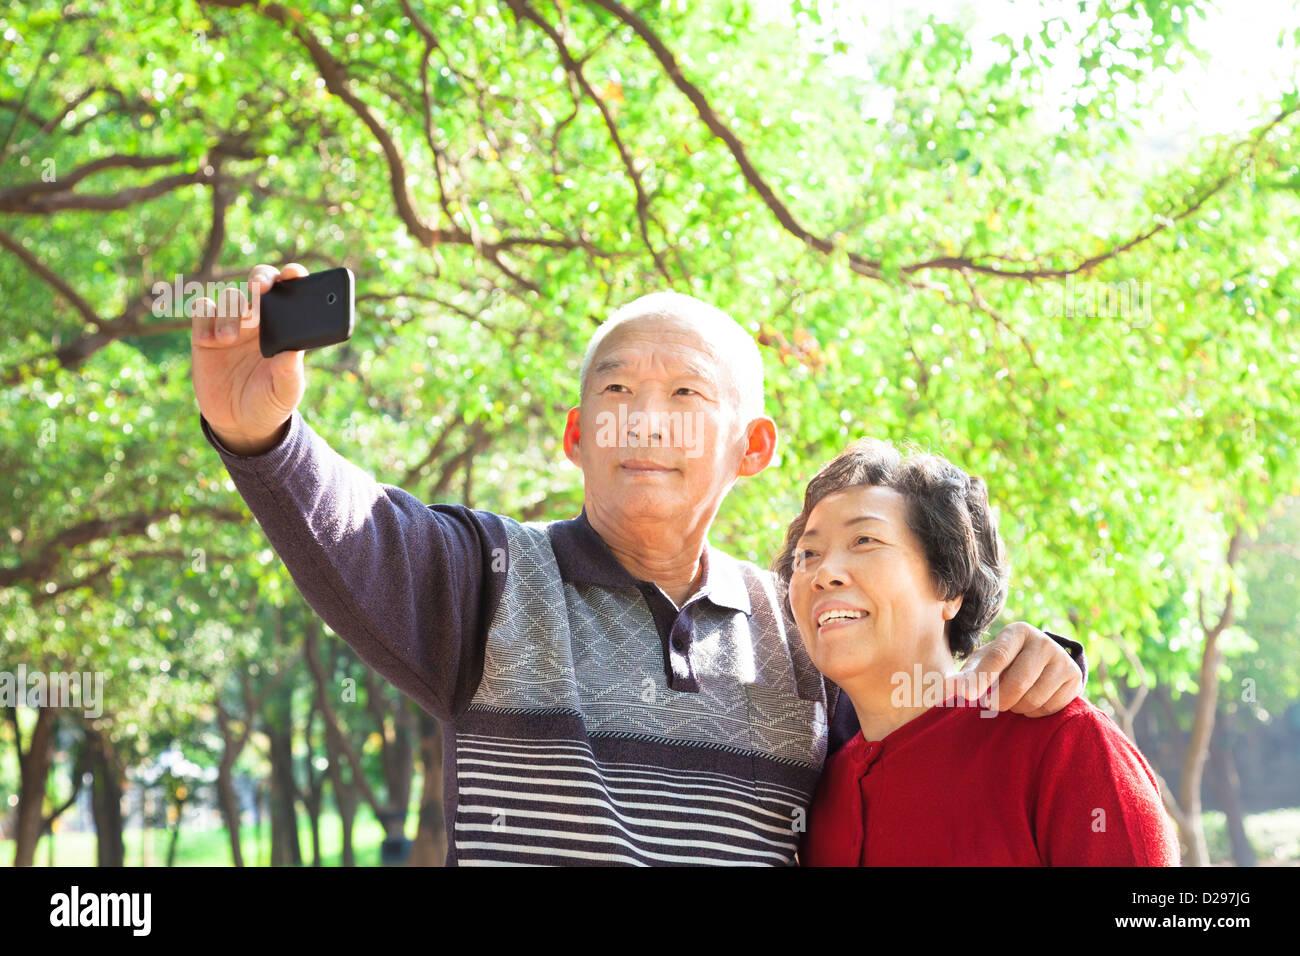 Älteres paar unter Bild von sich selbst im freien Stockbild